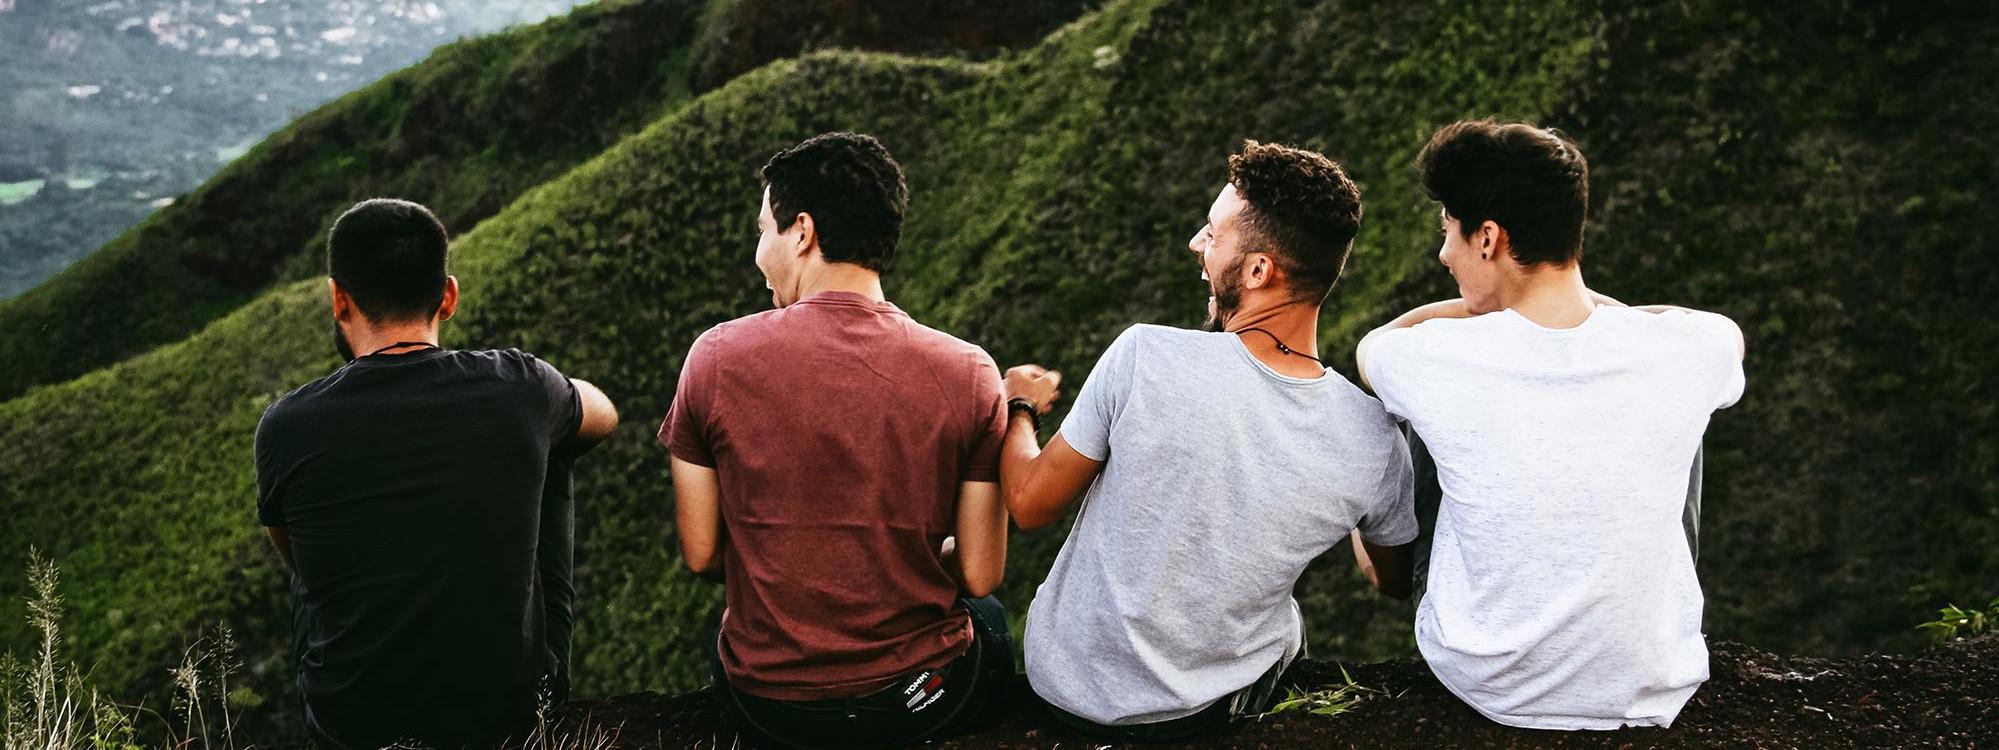 image of guys on hillside